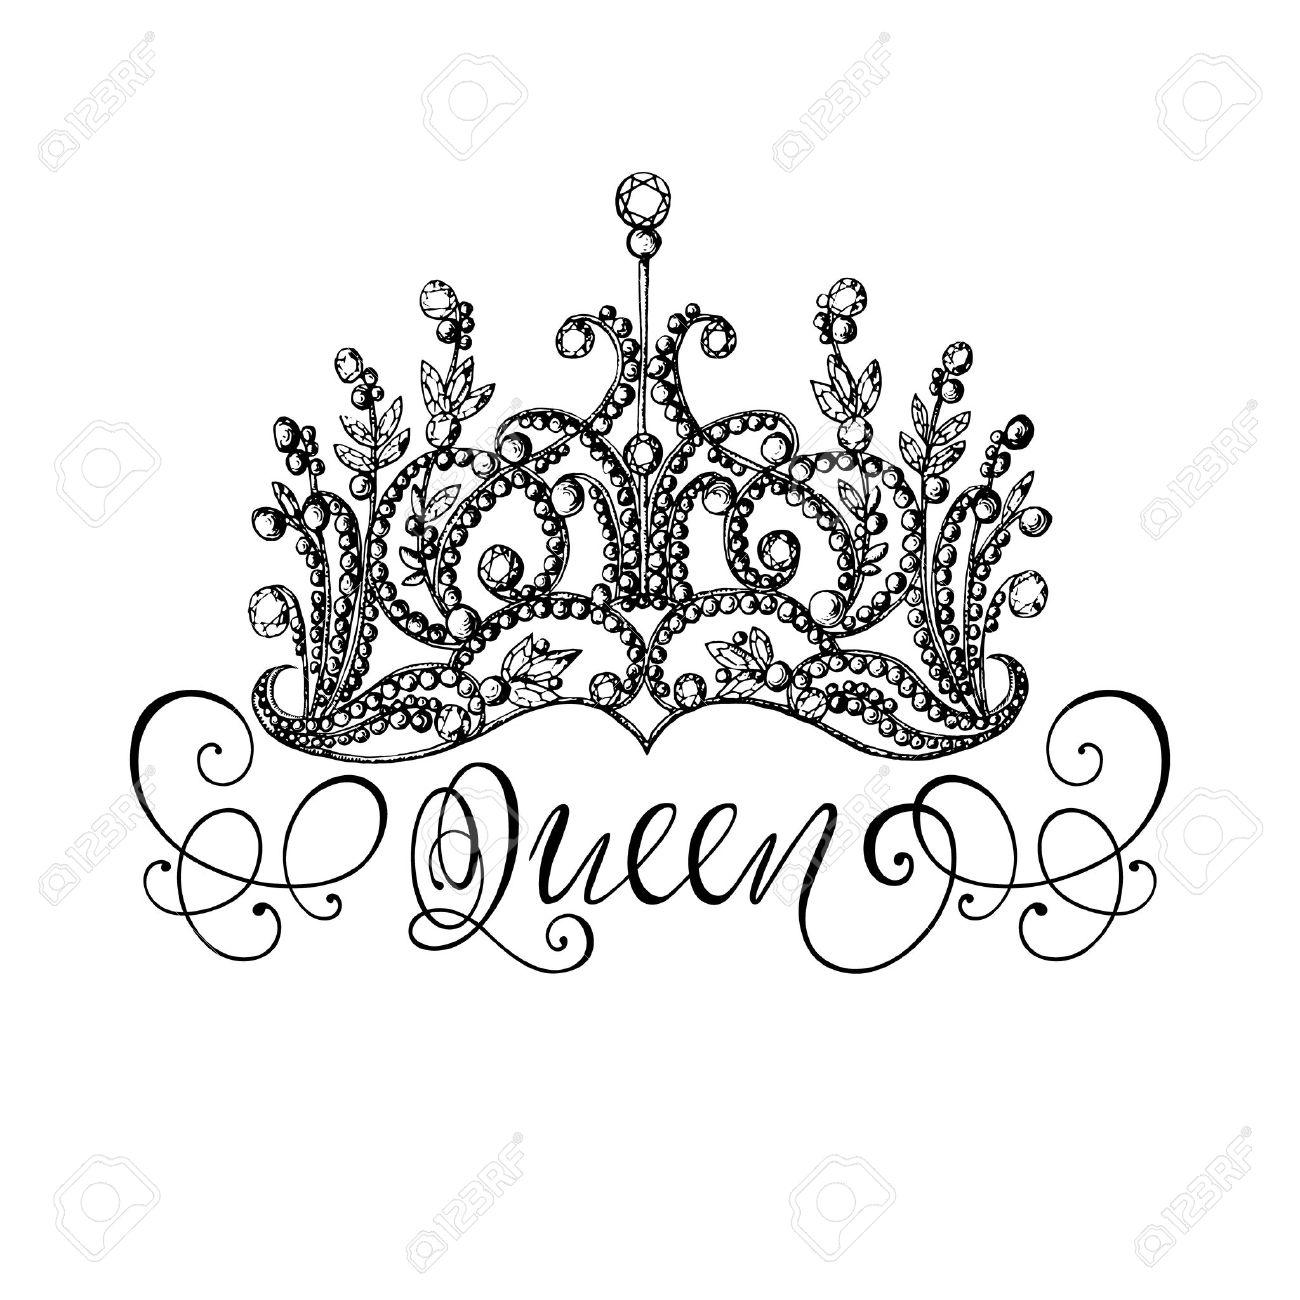 Corona De La Reina A Mano Elegante Con Las Letras Ejemplo Blanco Y